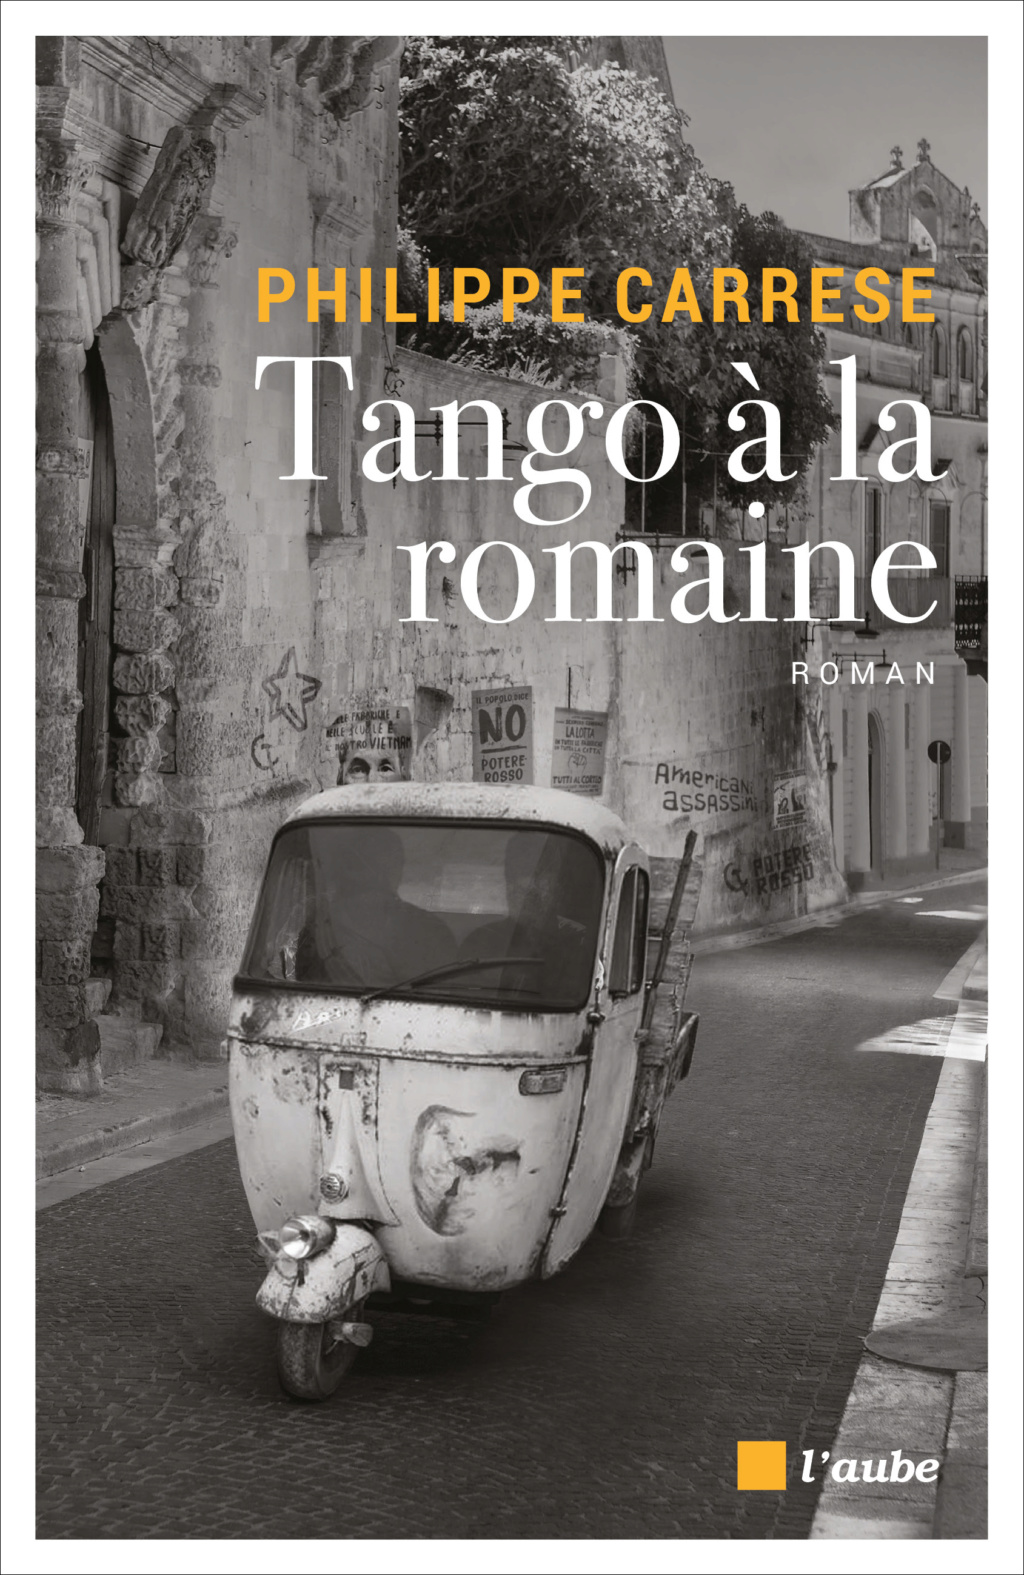 [Carrese, Philippe] Tango à la romaine 3187-c10